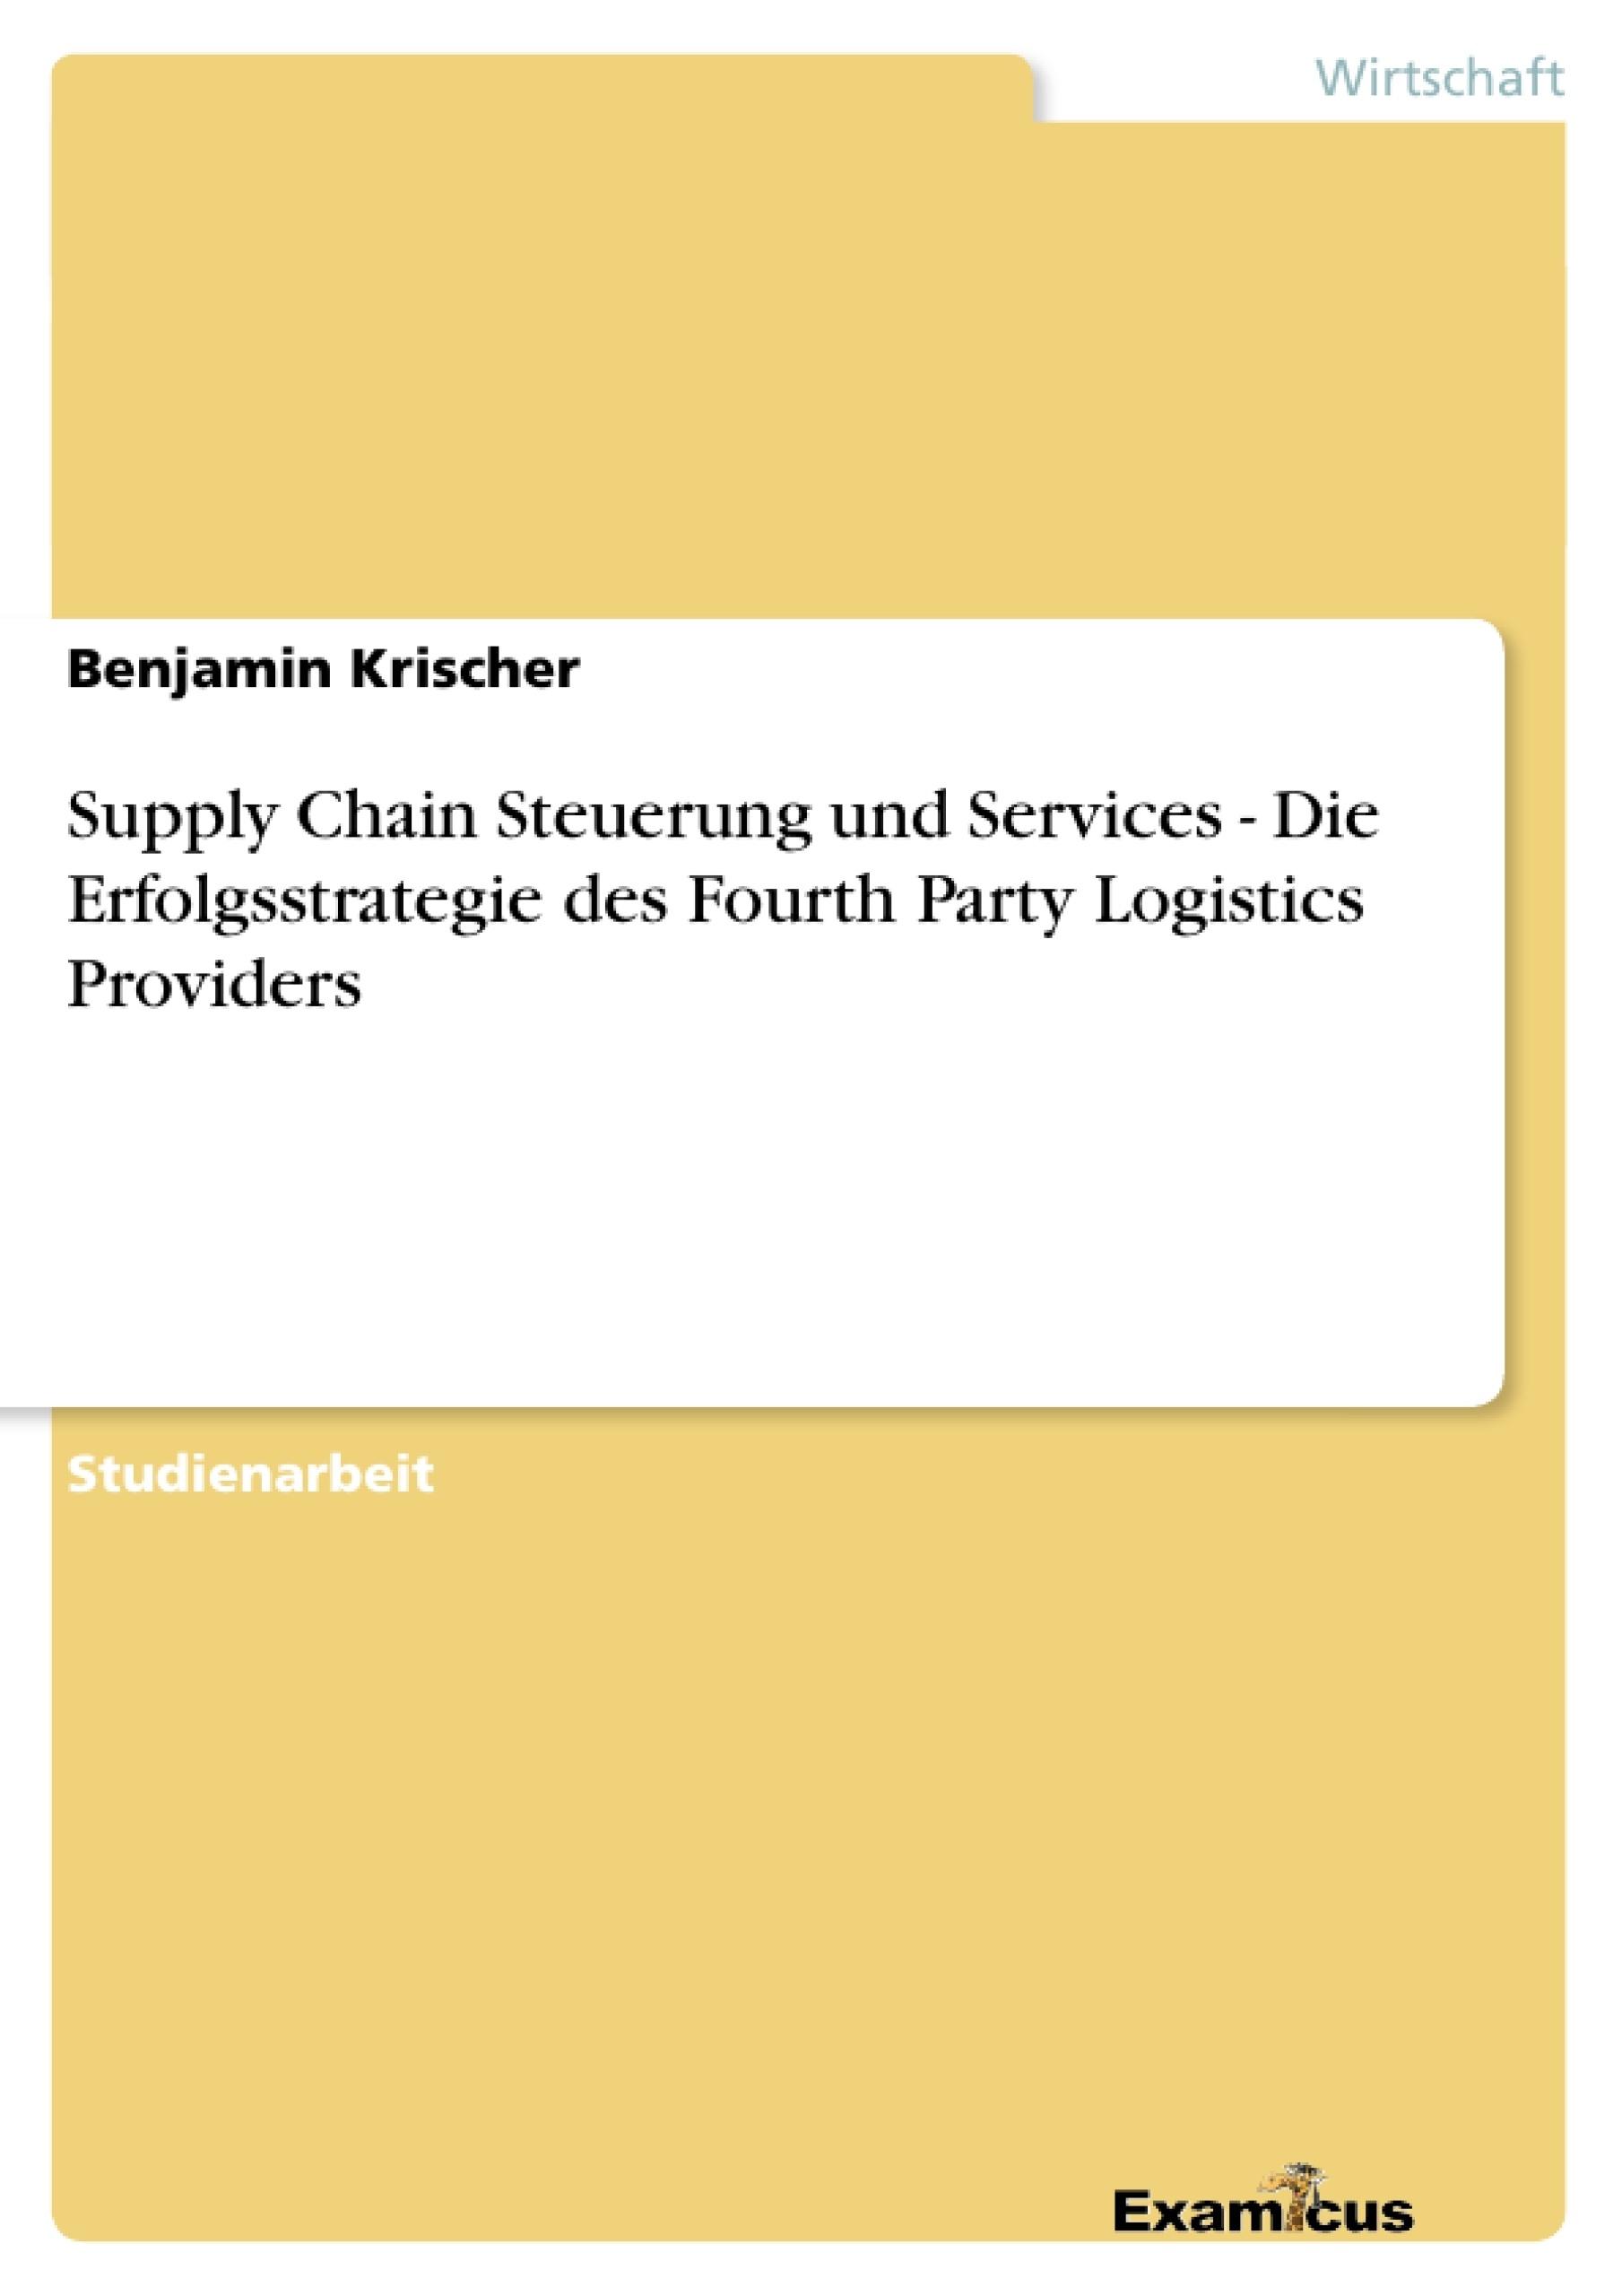 Titel: Supply Chain Steuerung und Services - Die Erfolgsstrategie des Fourth Party Logistics Providers